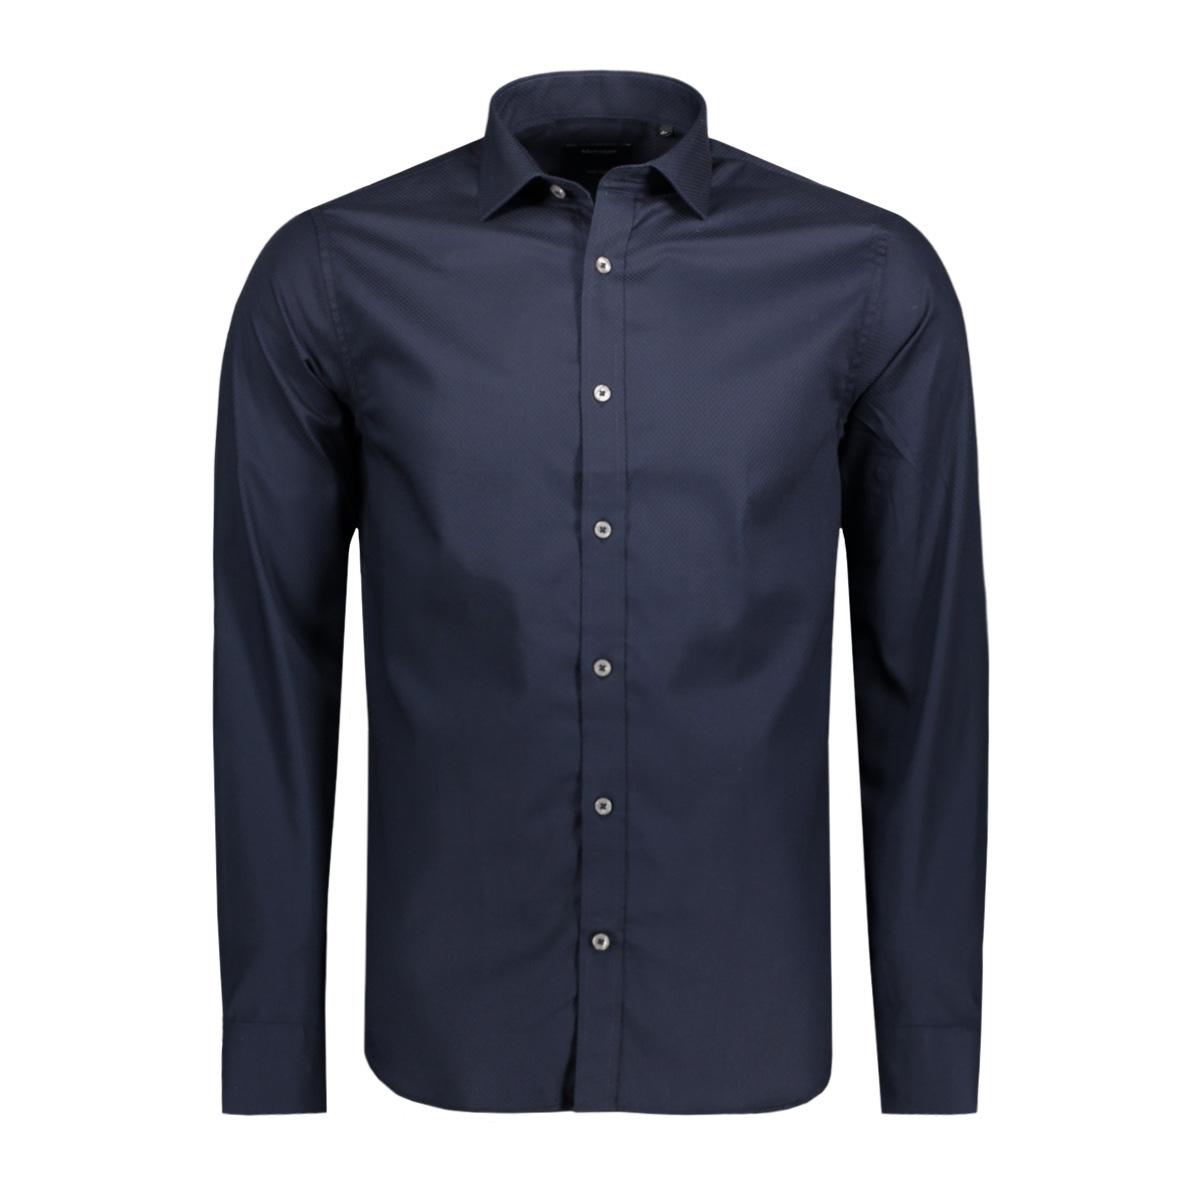 trostol 30202399 matinique overhemd 20210 dark navy